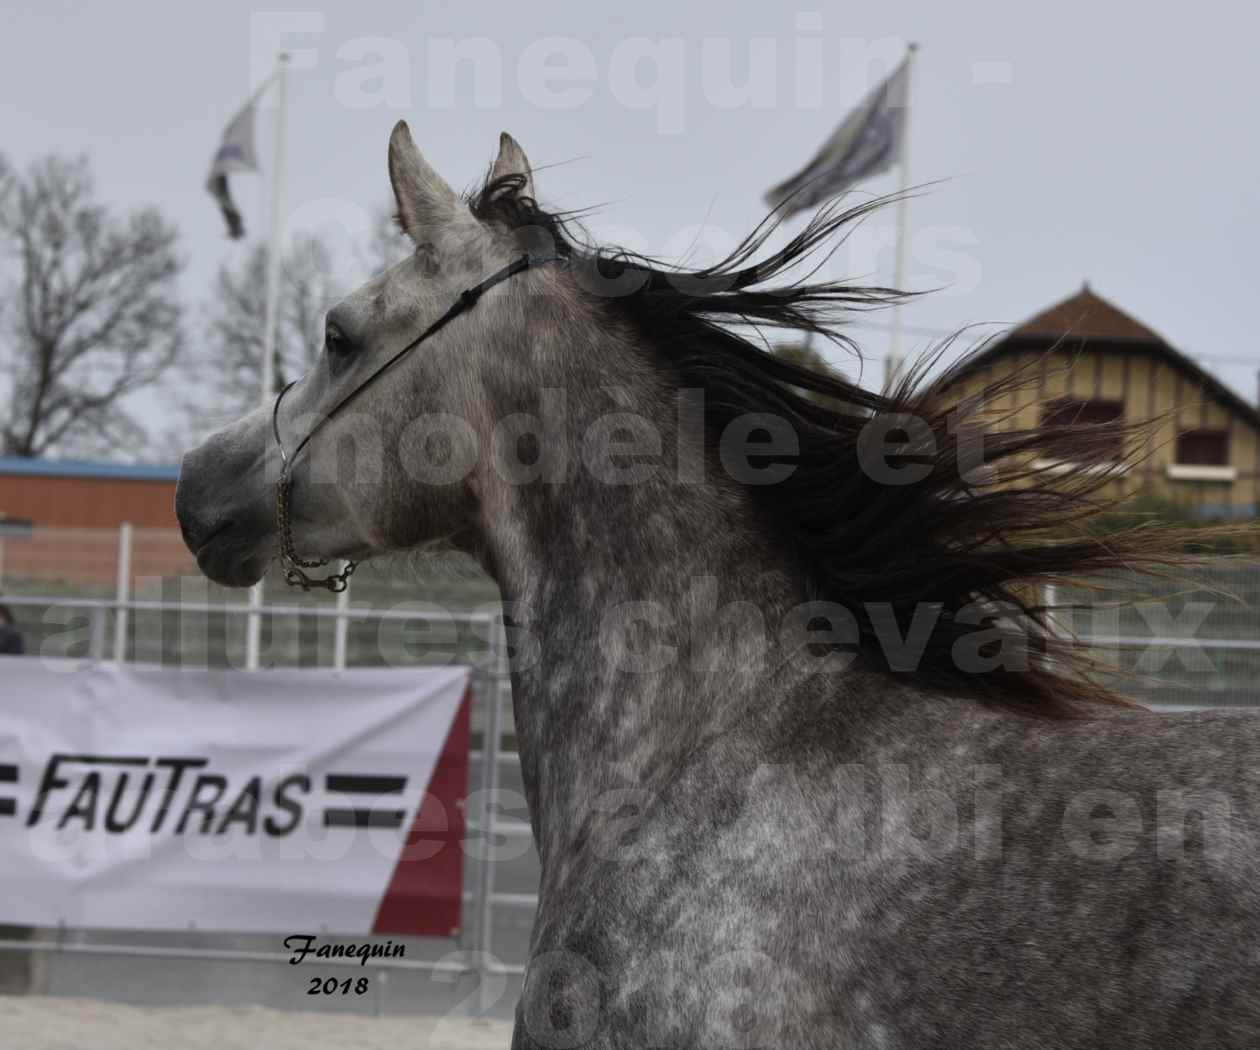 Concours d'élevage de Chevaux Arabes - Demi Sang Arabes - Anglo Arabes - ALBI les 6 & 7 Avril 2018 - PERCEVAL DE LAFON - Notre Sélection - Portraits - 06